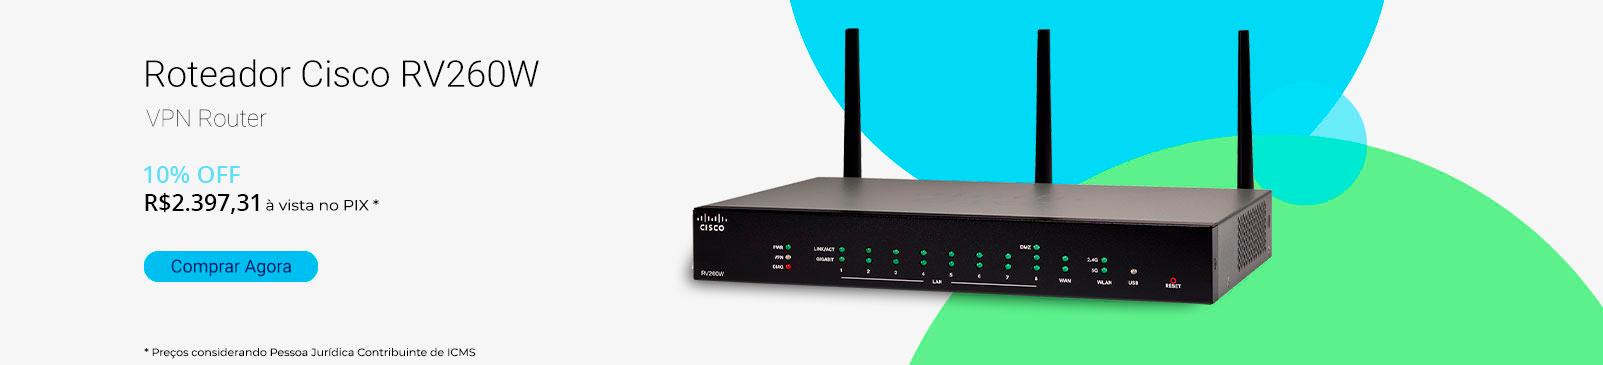 Roteador Cisco RV260W